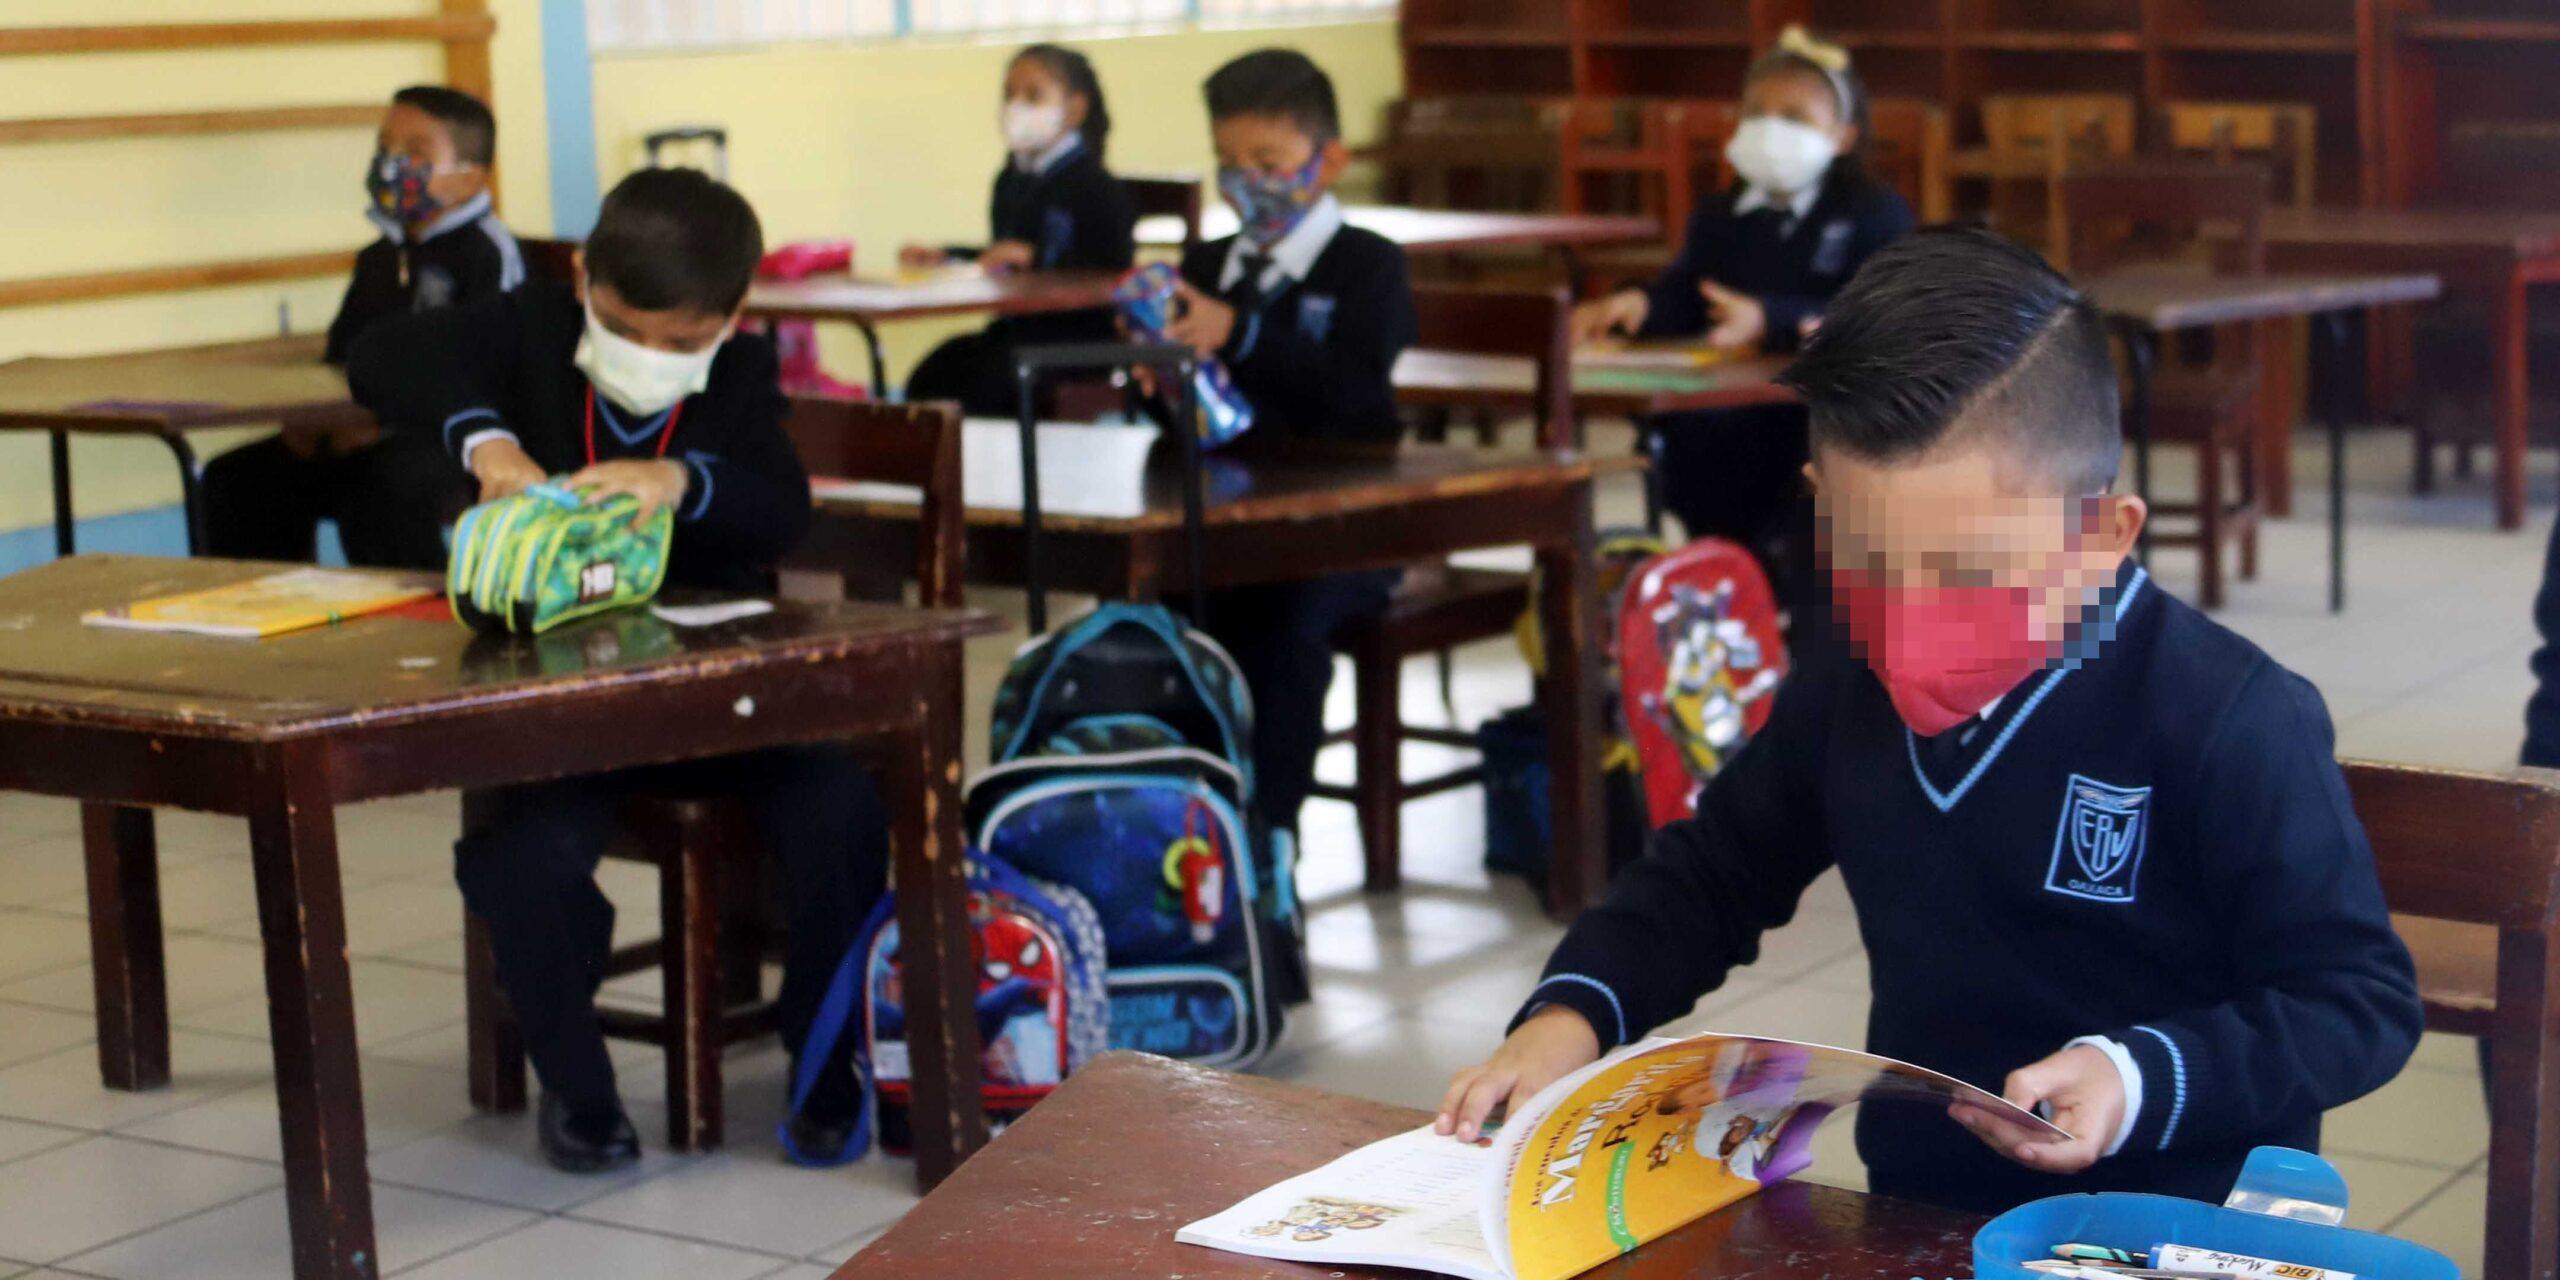 Sin reporte de brote de Covid-19 en escuelas   El Imparcial de Oaxaca